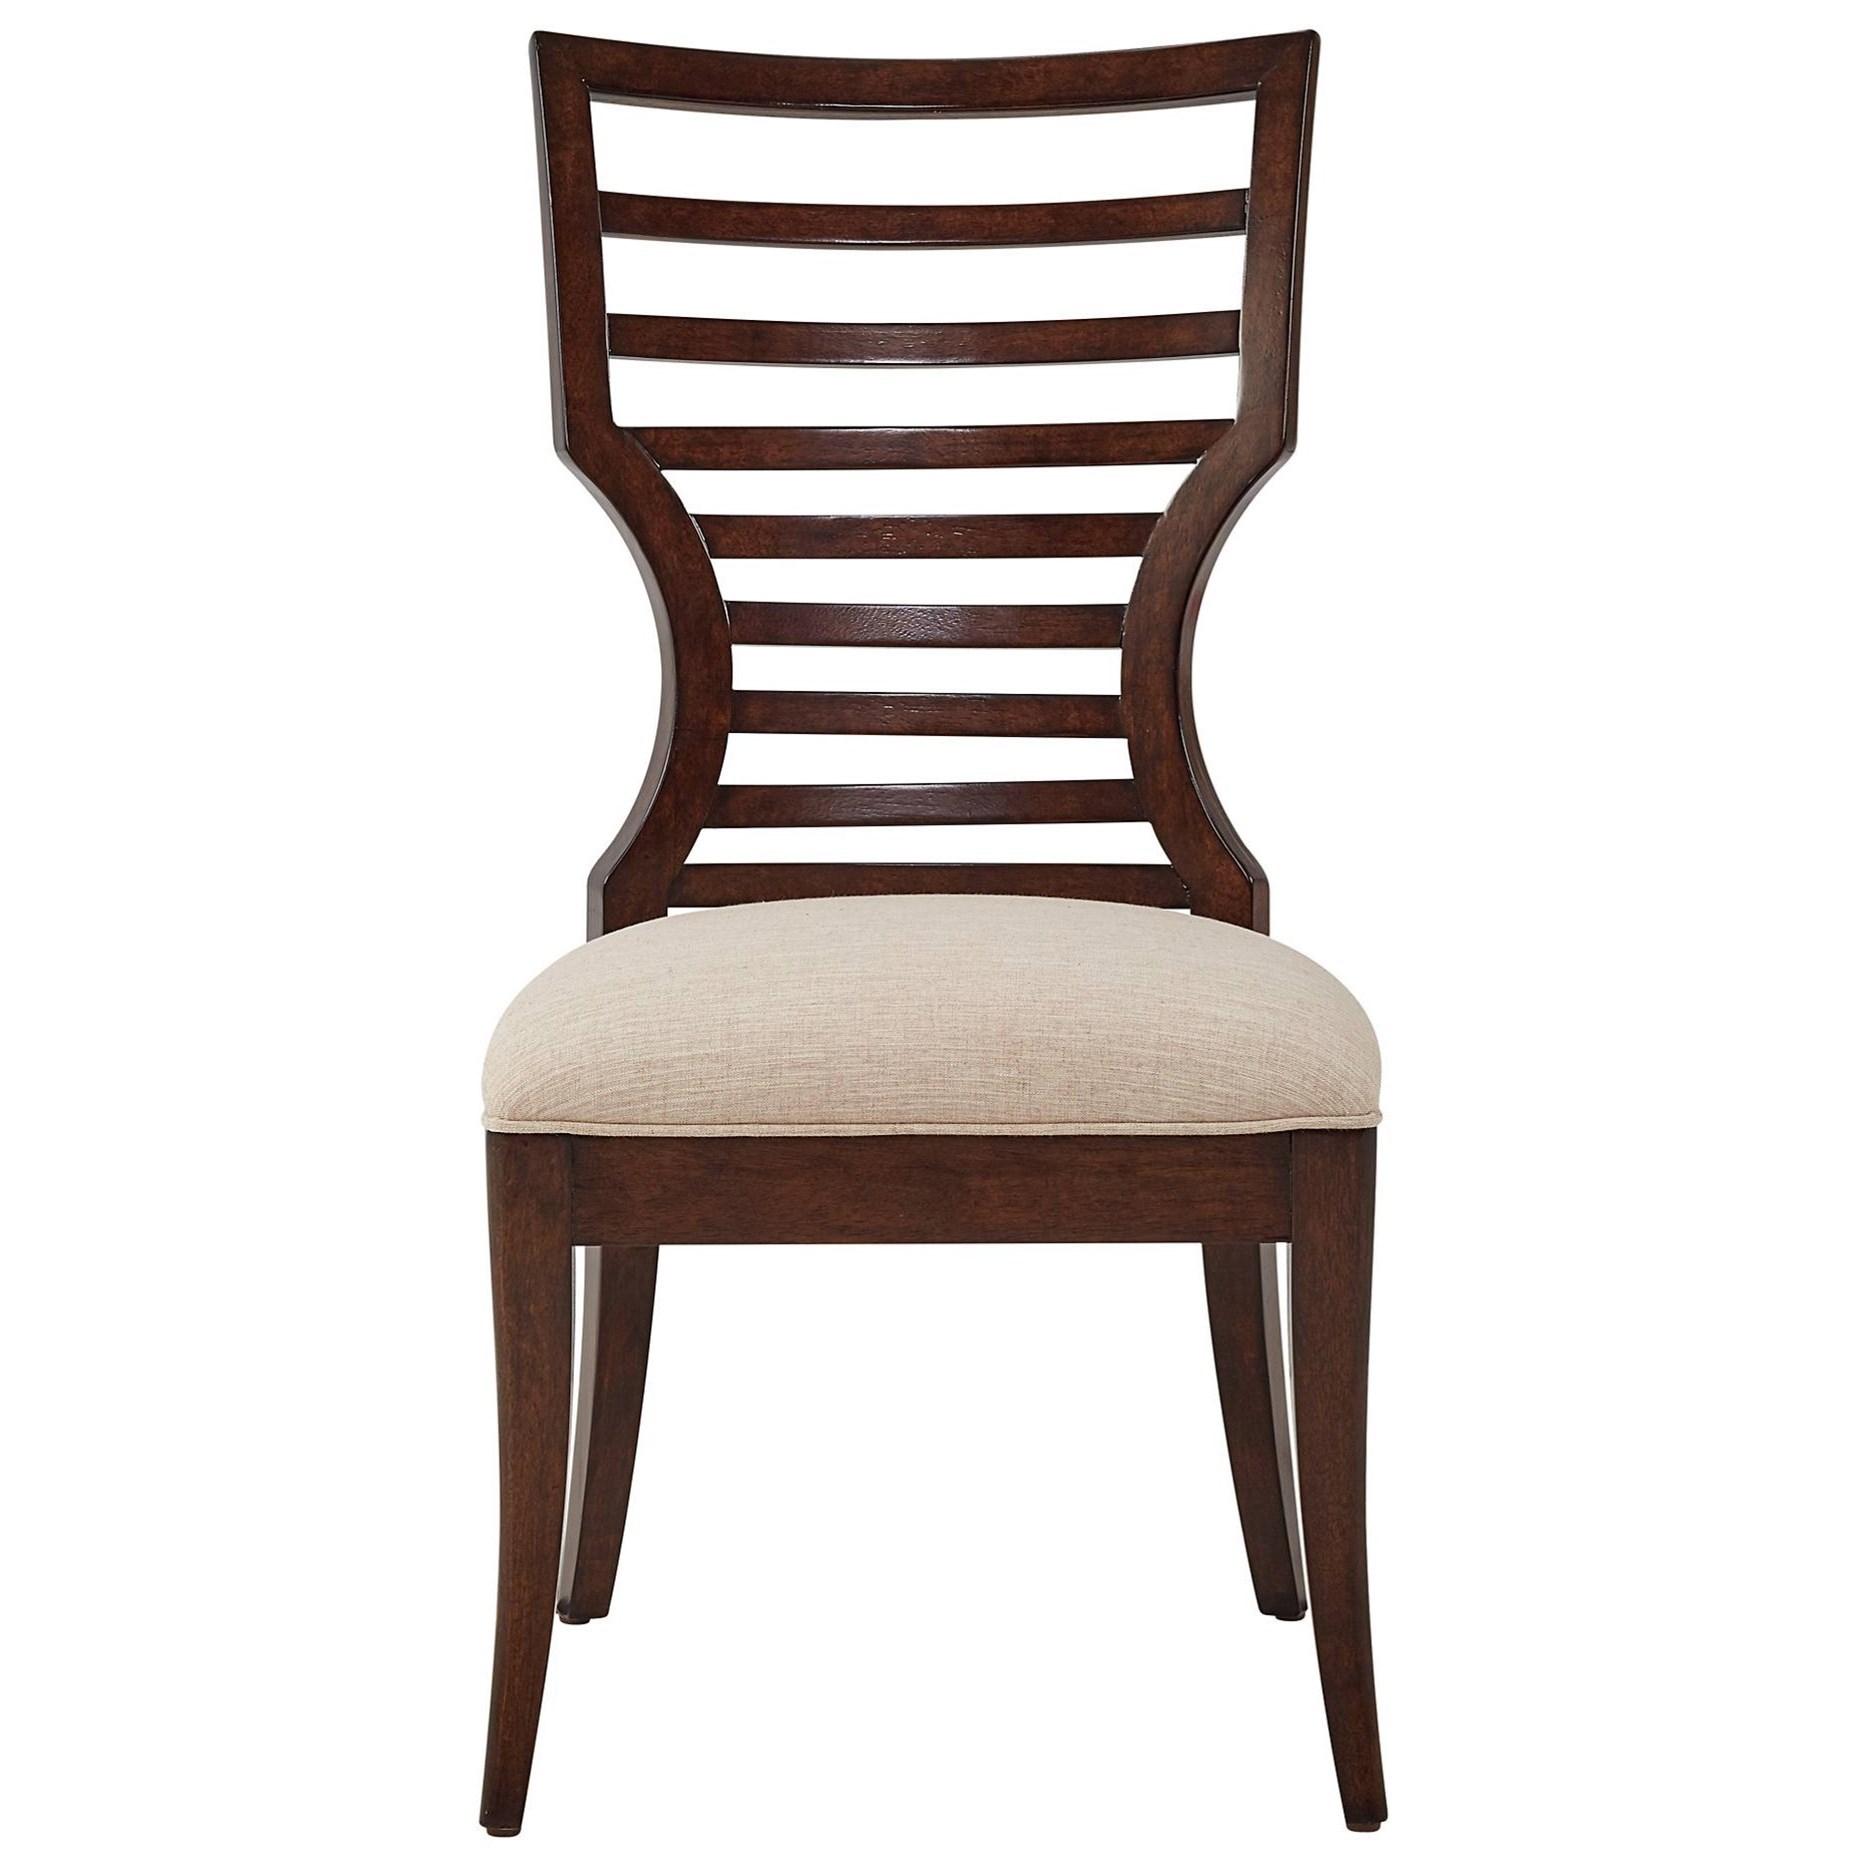 Stanley Furniture Virage Dining Room Set: Stanley Furniture Virage Wood Side Chair With Modern